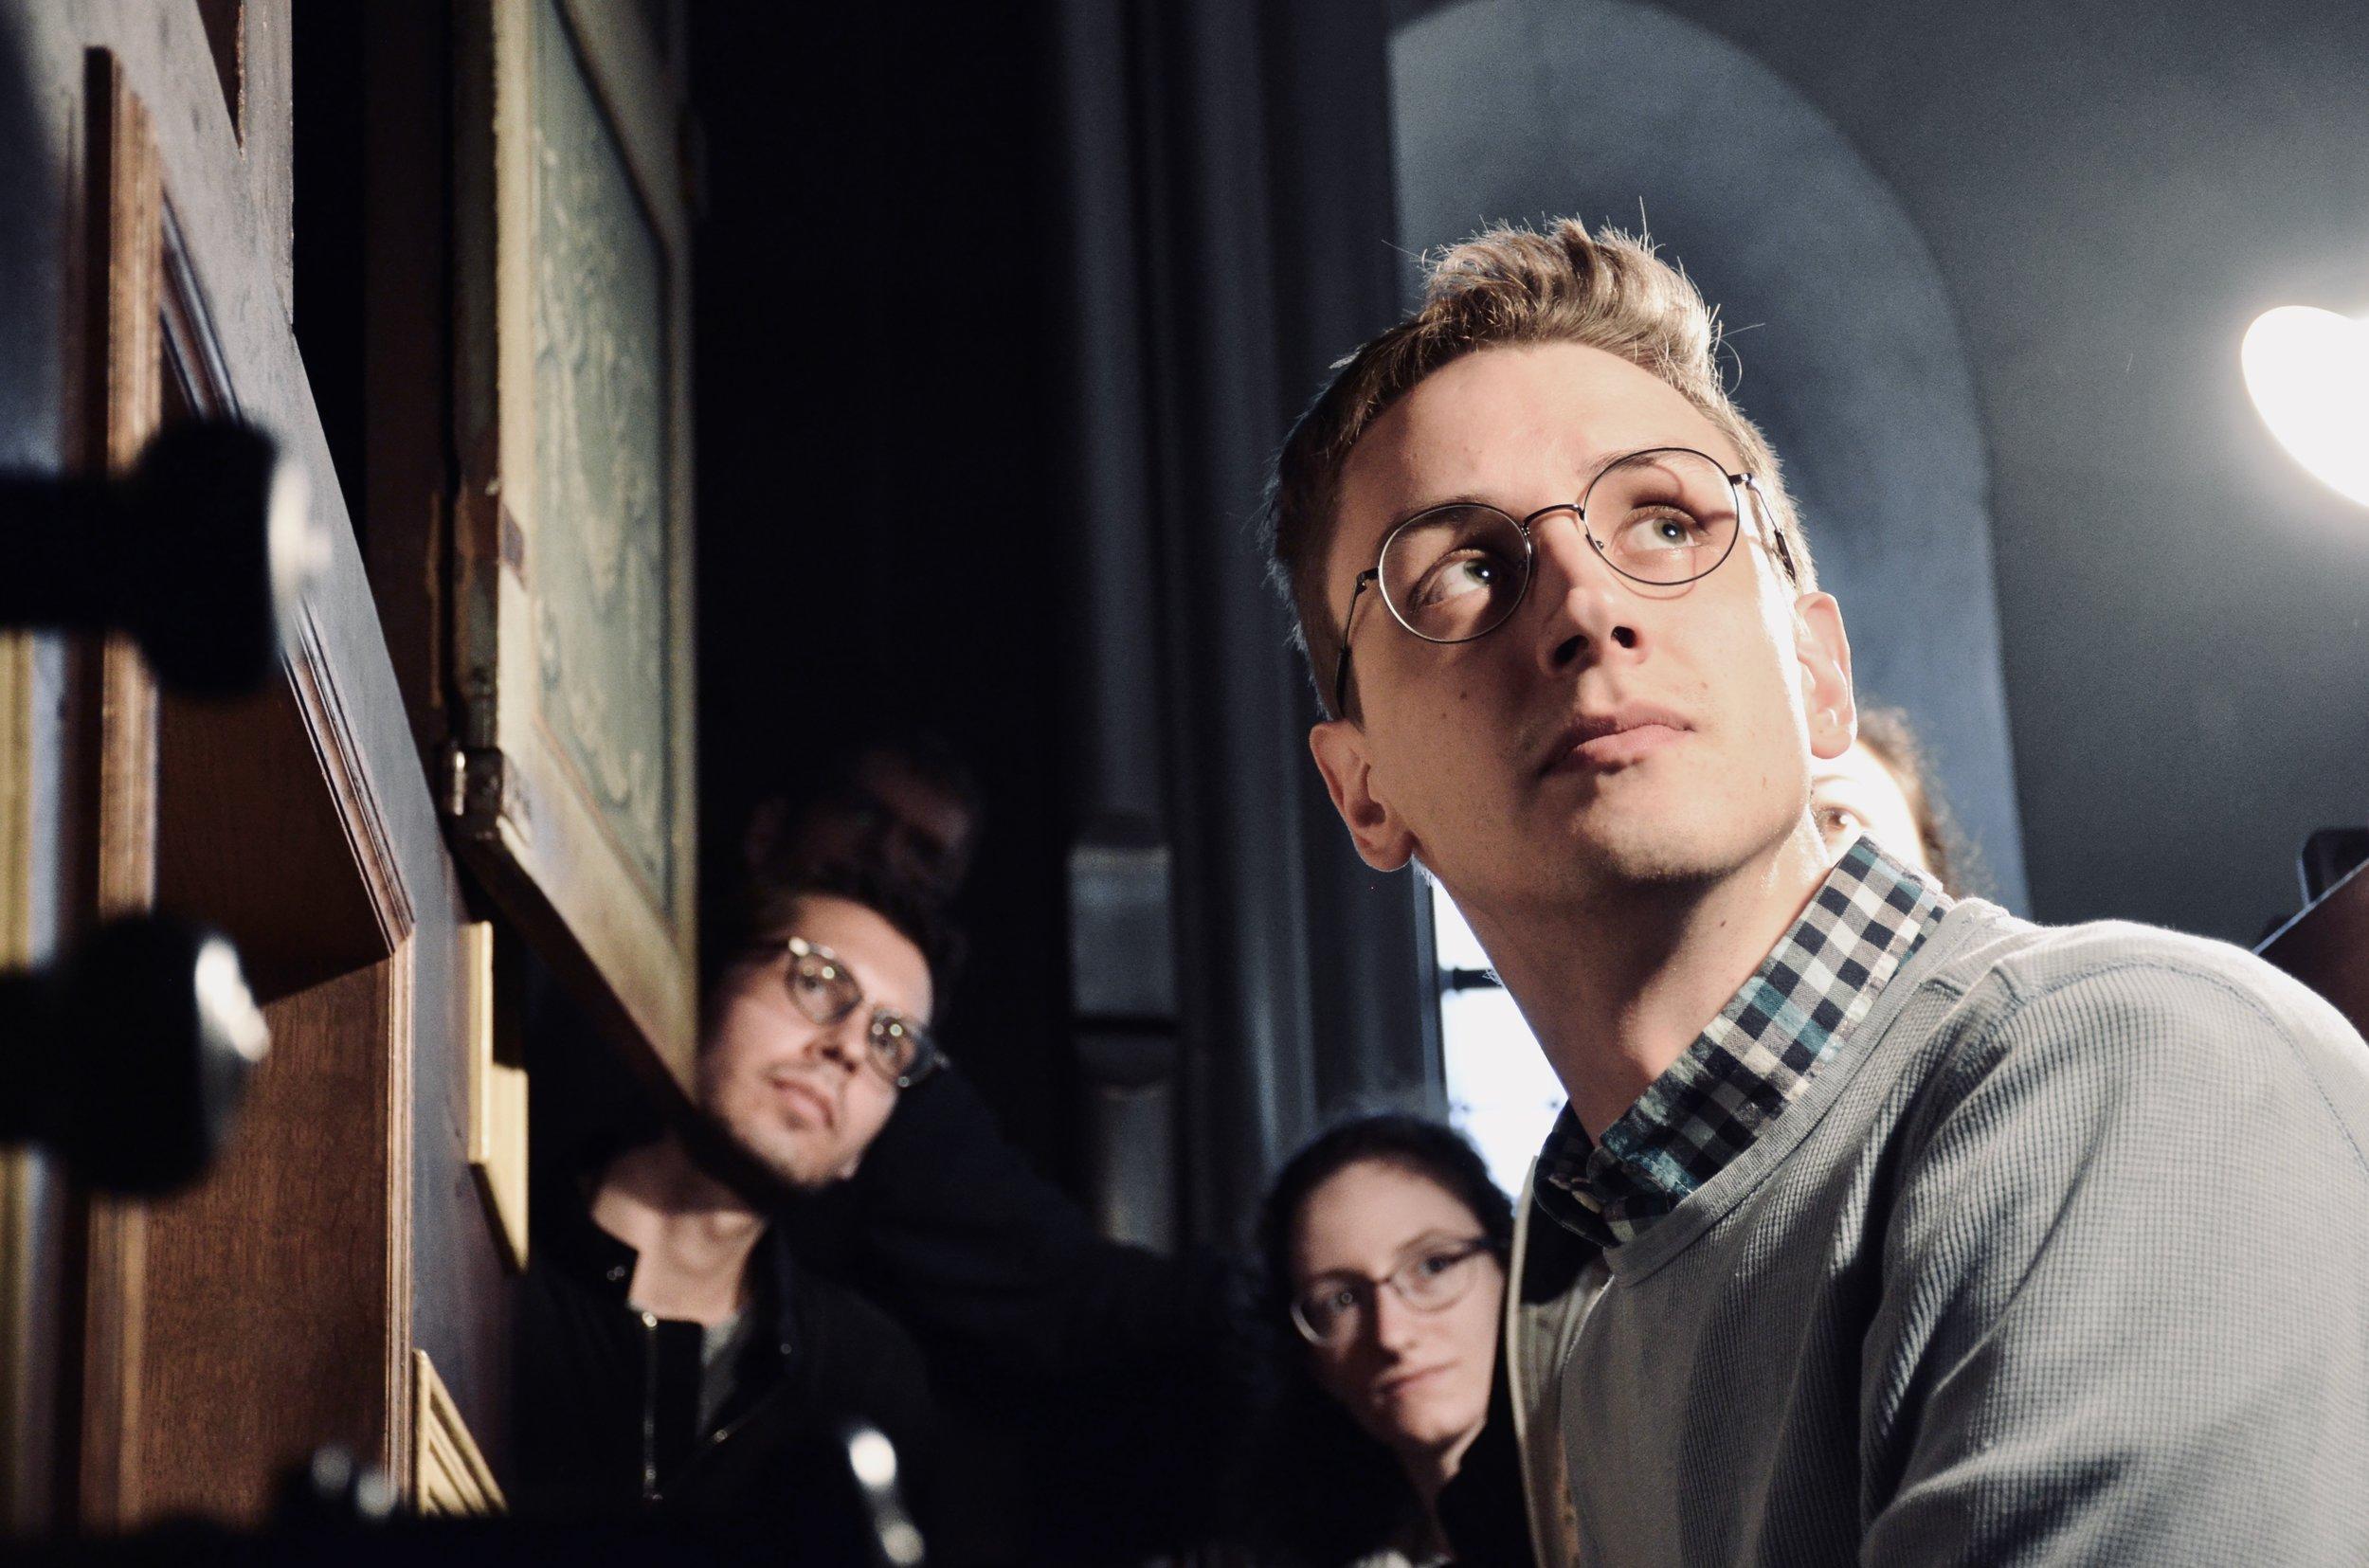 Alex Ross plays 1669–73 Huß/Schnitger organ in St. Cosmæ, Stade. Boston Organ Studio.